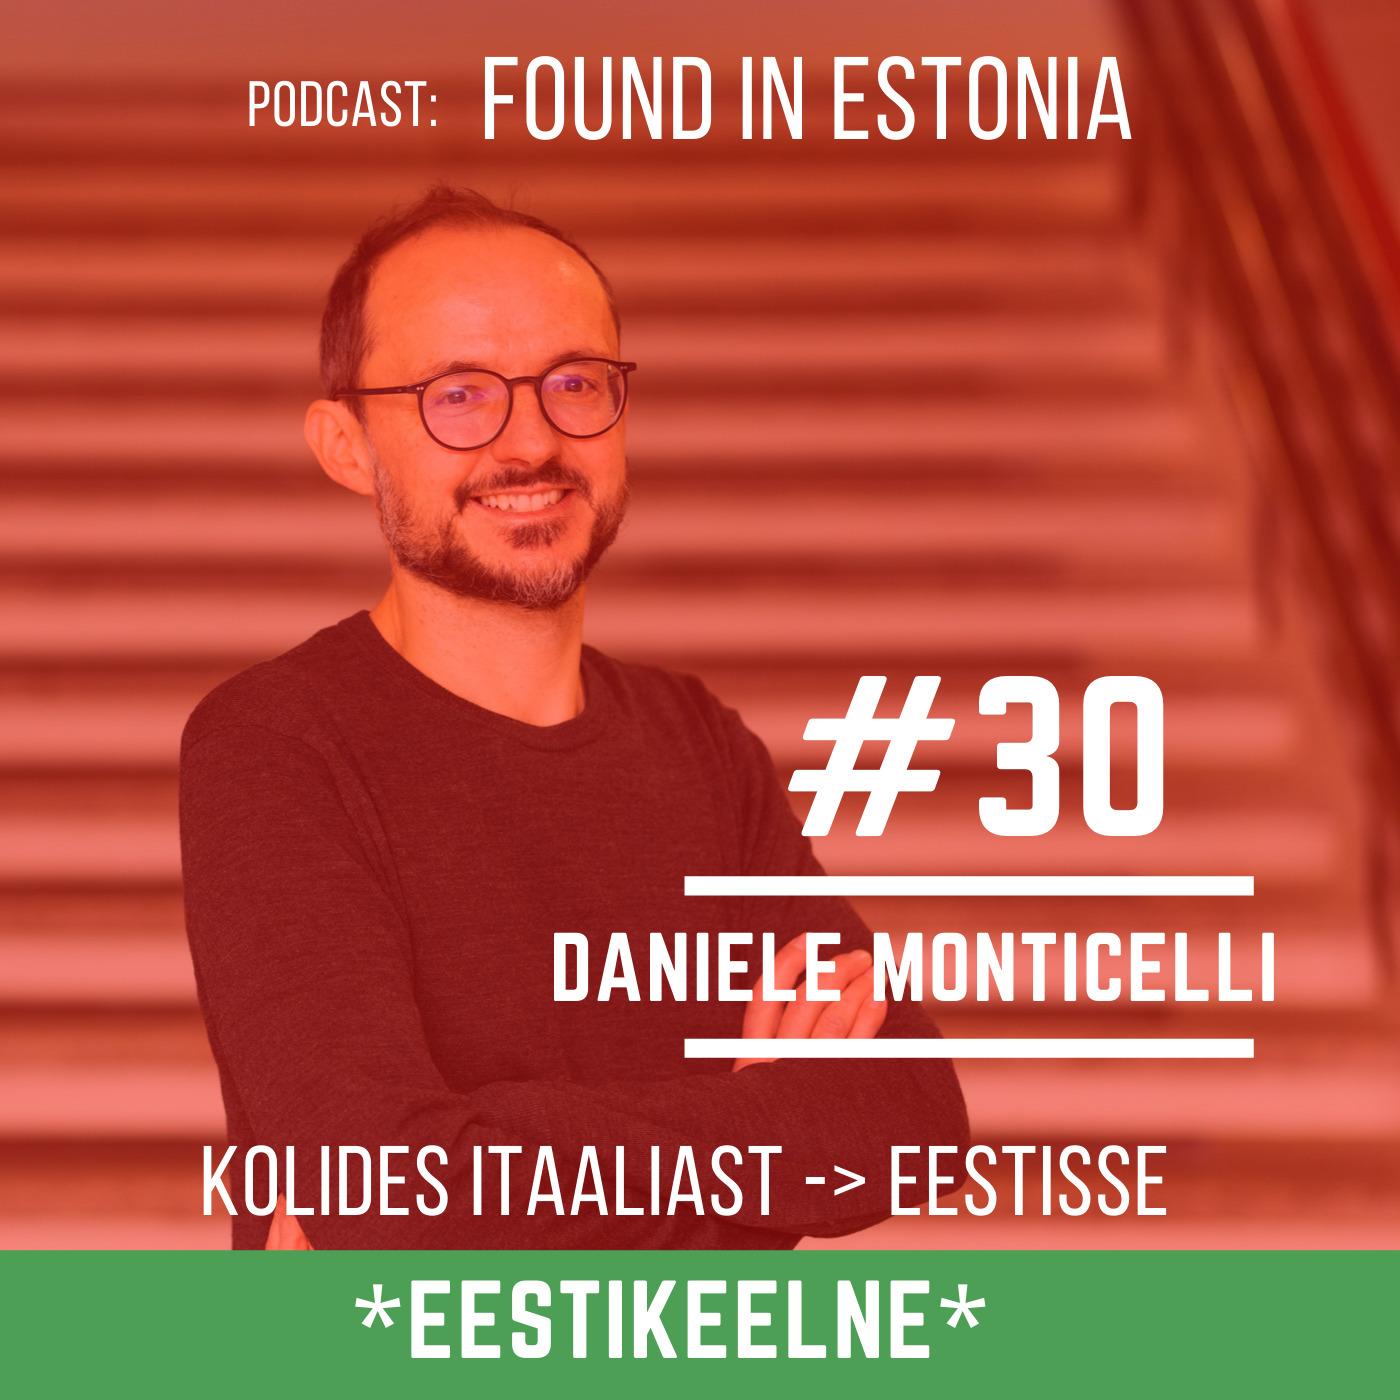 #30 EST Daniele Monticelli Itaaliast Eestisse